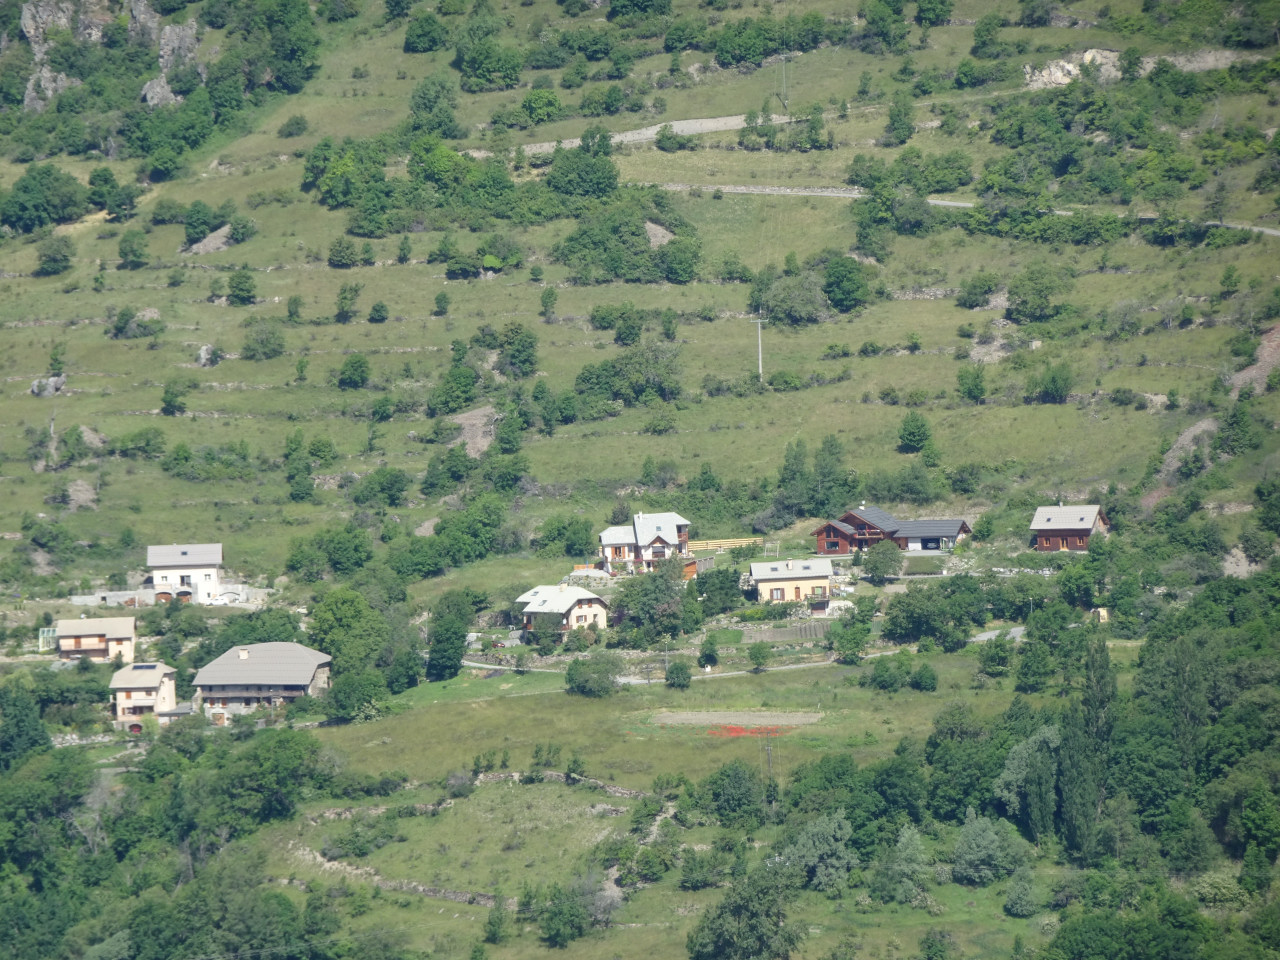 Le nouveau hameau du Goutail. La massive ferme Pons en bas à gauche est la seule construction ancienne, avec à sa gauche, rénovée, la fruitière de 1928.